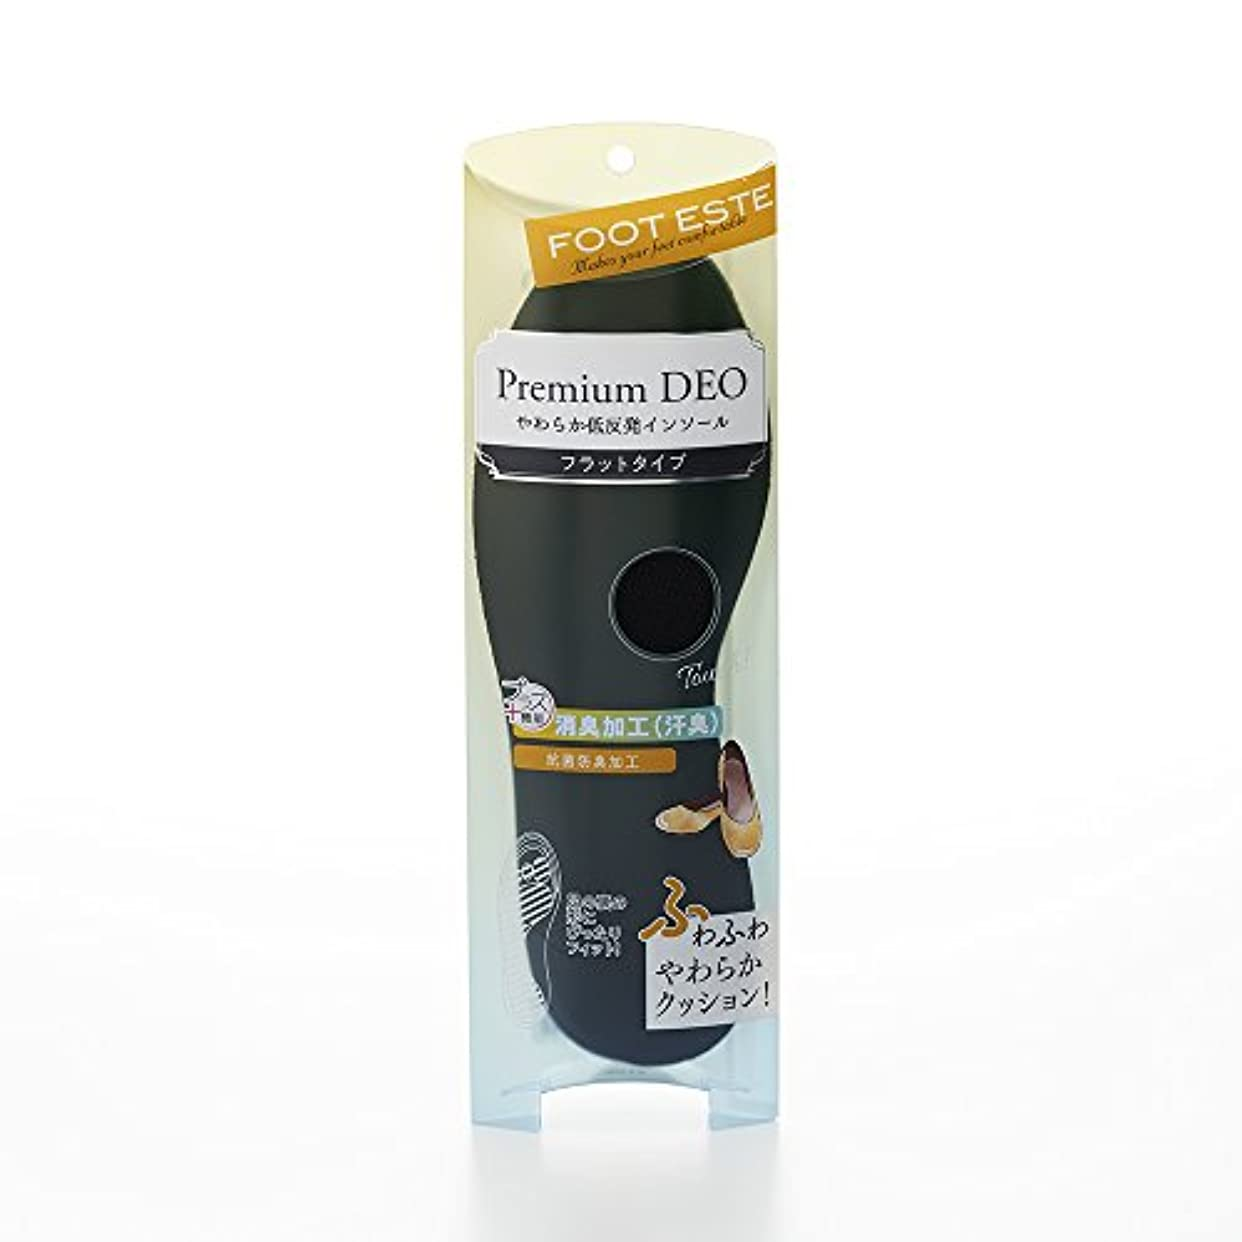 おもてなし切断する蓋フットエステ Premium DEO プレミアムデオ やわらか低反発インソール フラットタイプ 【消臭 抗菌防臭】